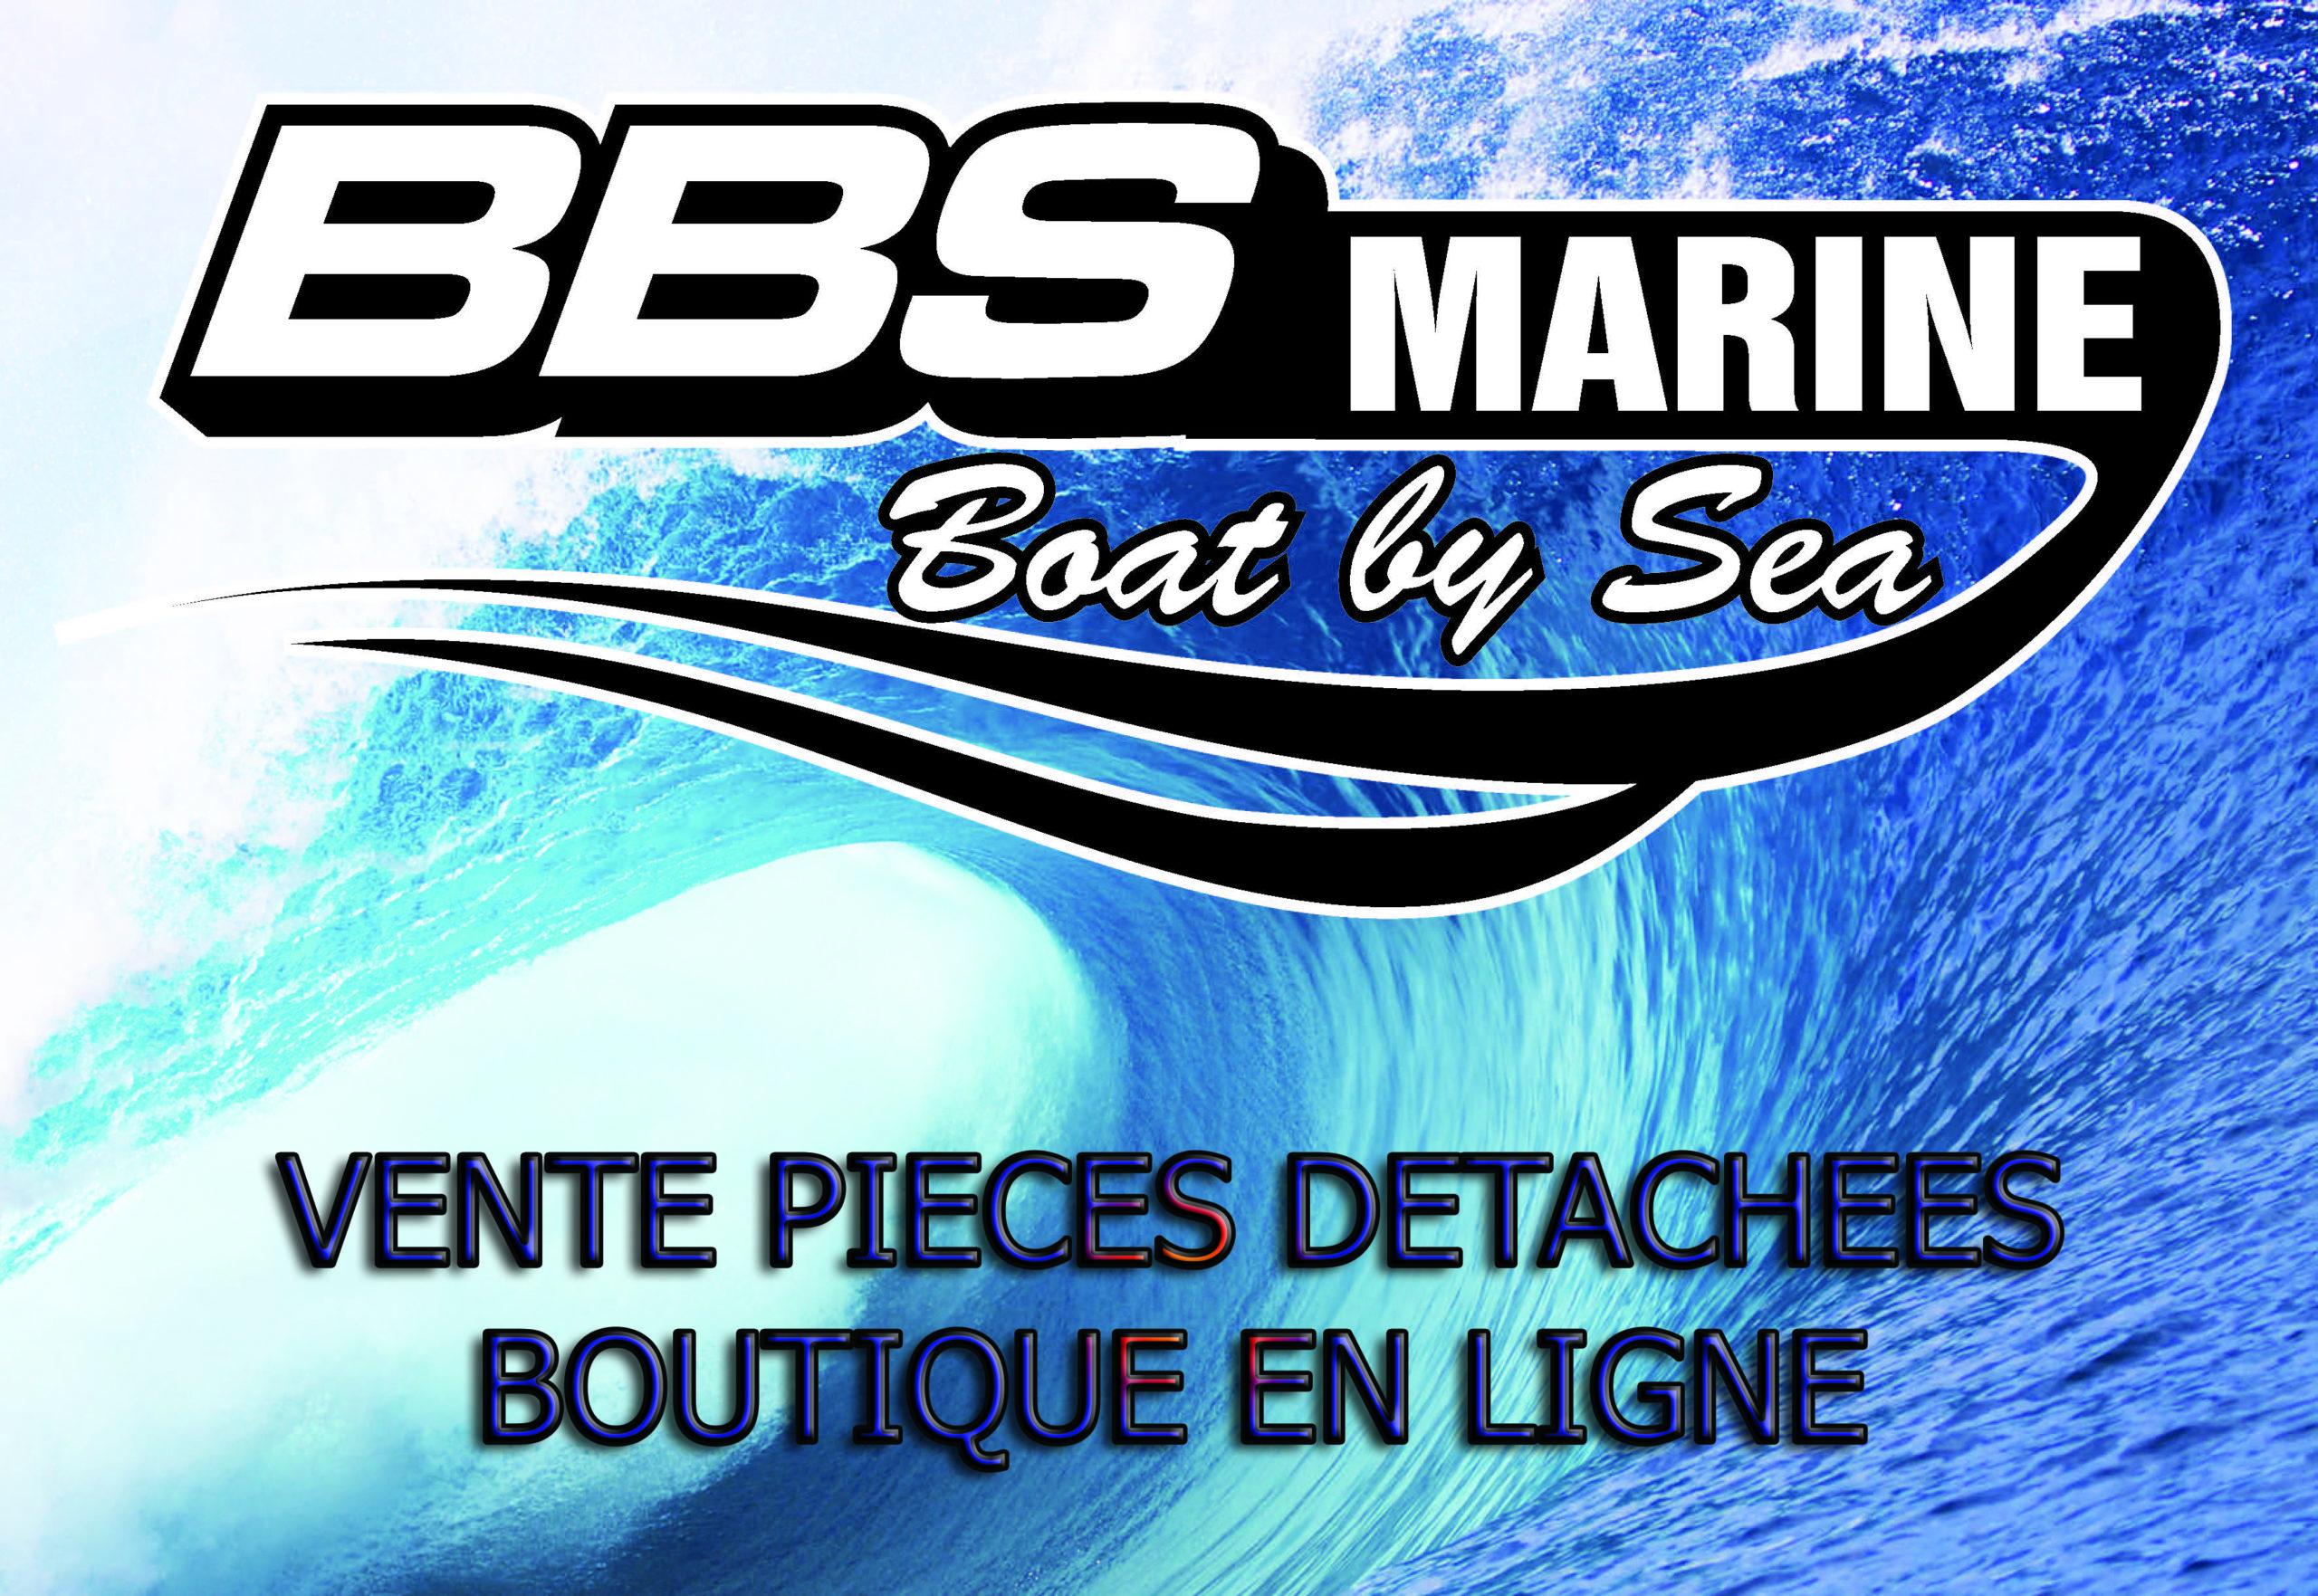 Vente pièces détachées et accessoires pour bateau Inboard